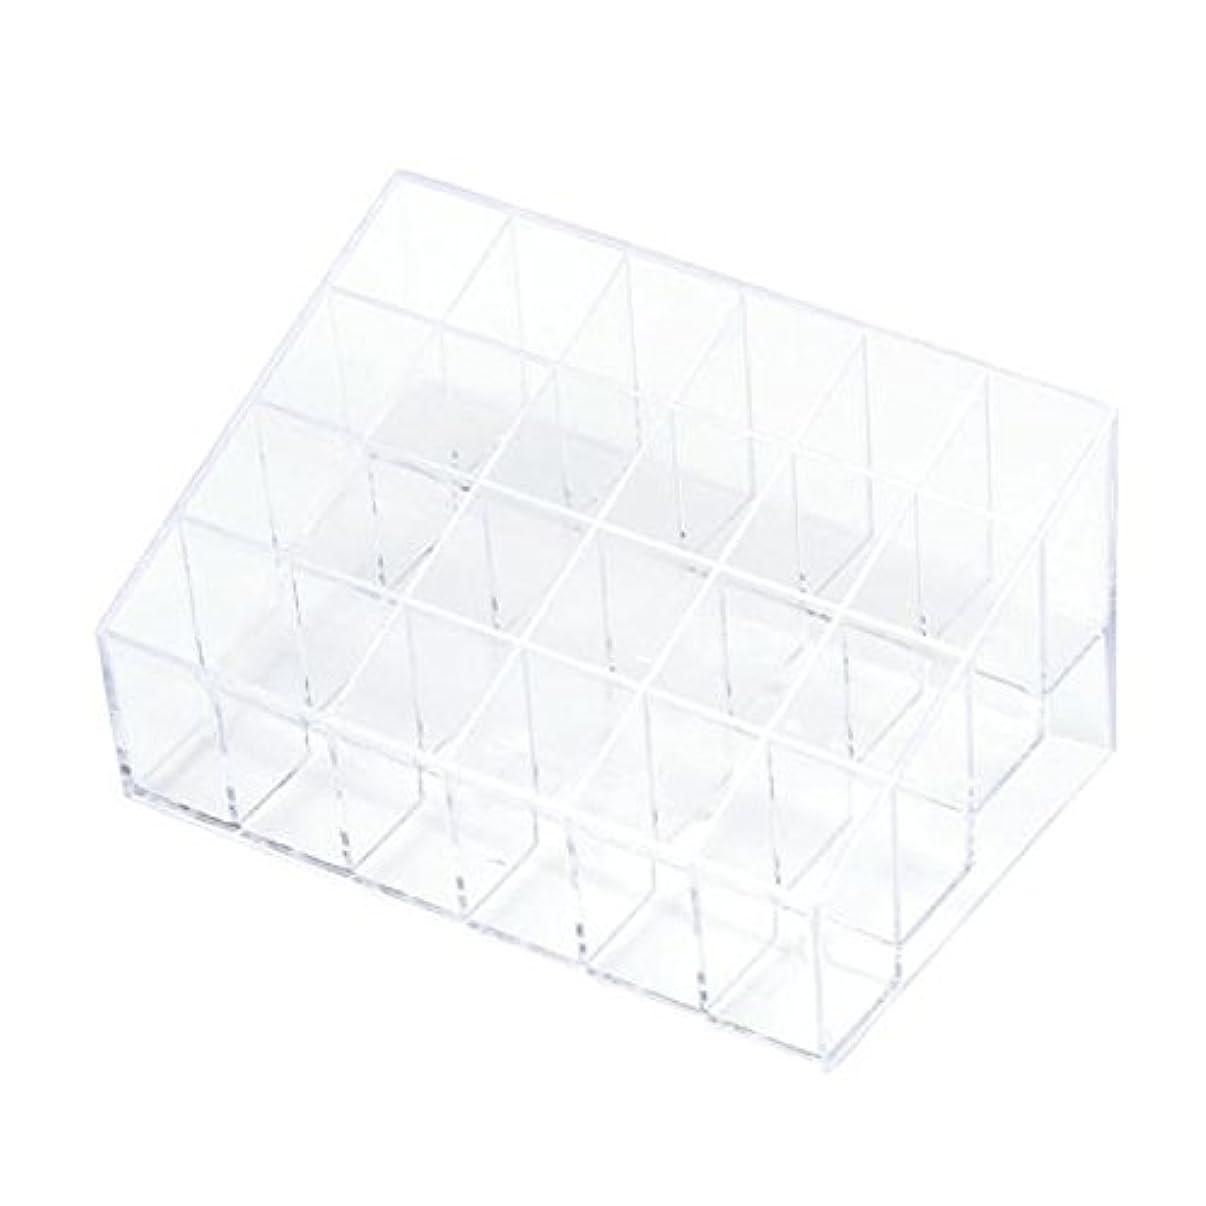 こっそり畝間残忍なYOKINO 口红收纳盒 メイクアップ 化粧品収納ボックス 白い透明な 宝石箱口紅ストレージスタンドホルダー 生活用品 便利 プラスチック製 24グリッド